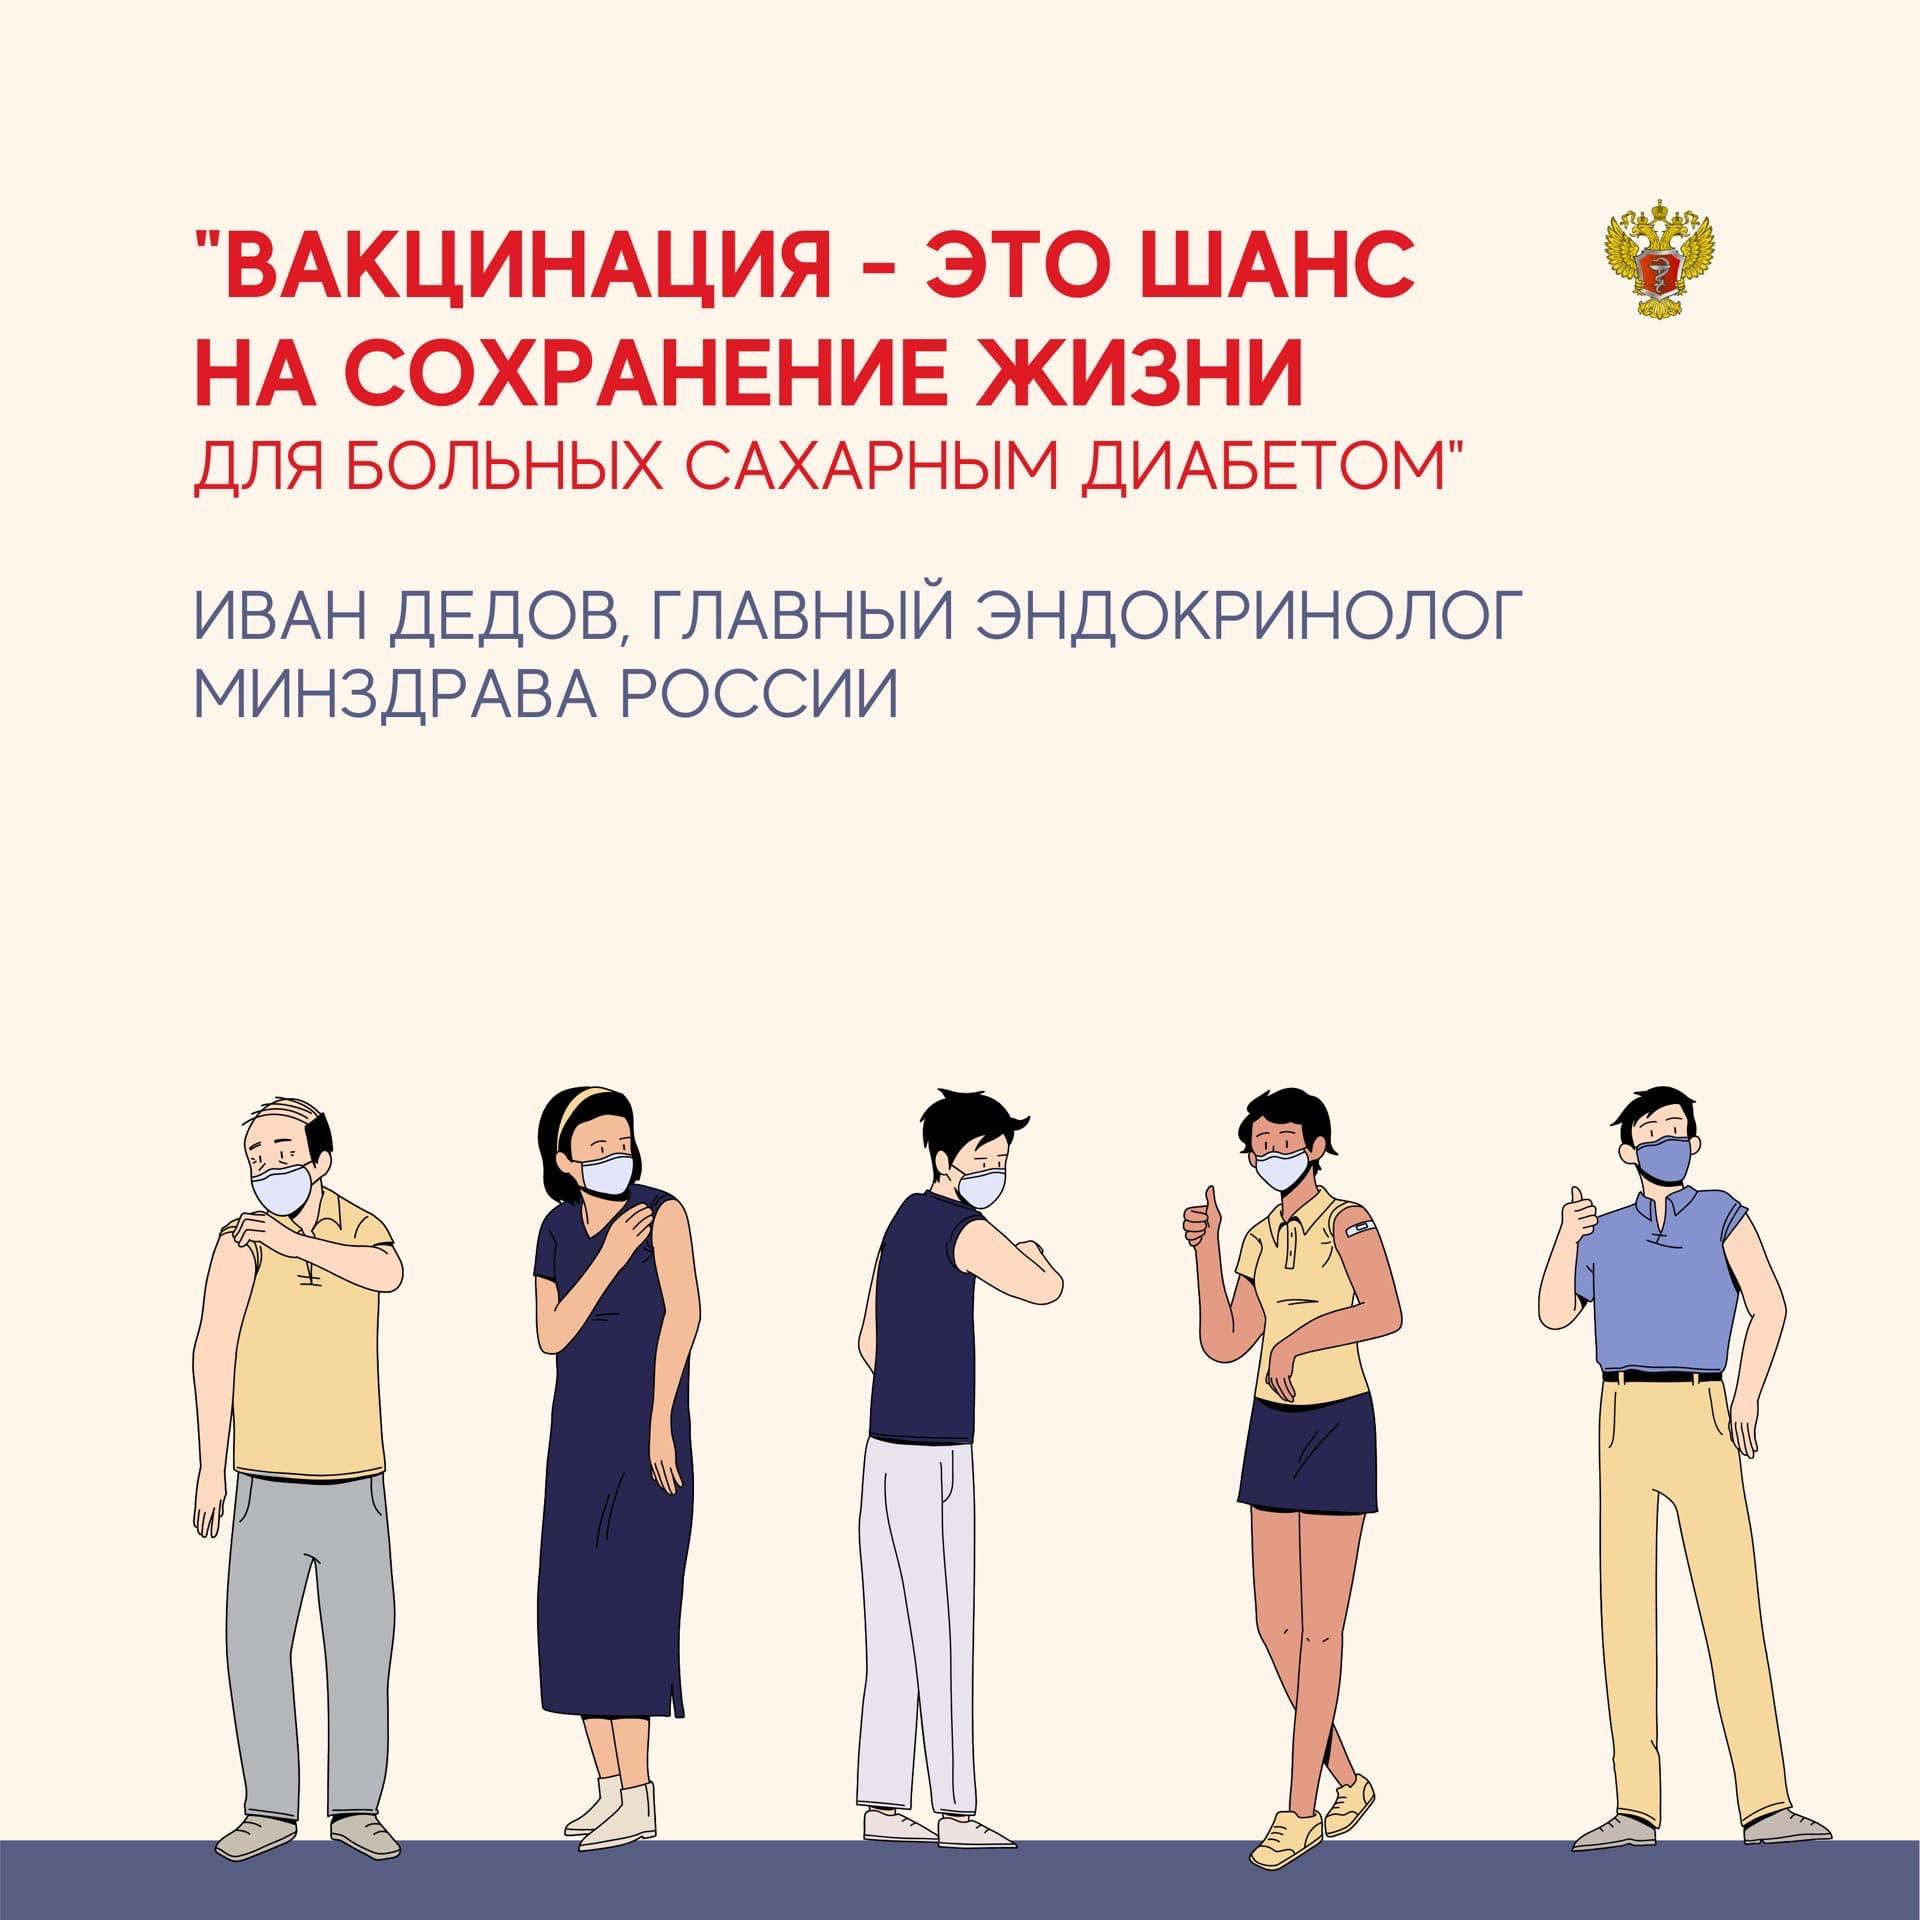 Изображение ❗️Главный эндокринолог Минздрава России, академик …